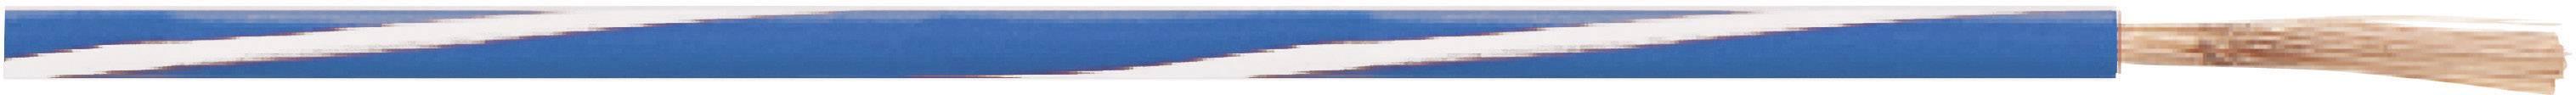 Opletenie / lanko LappKabel 4512371S X05V-K, 1 x 0.50 mm², vonkajší Ø 2.10 mm, metrový tovar, fialová, biela